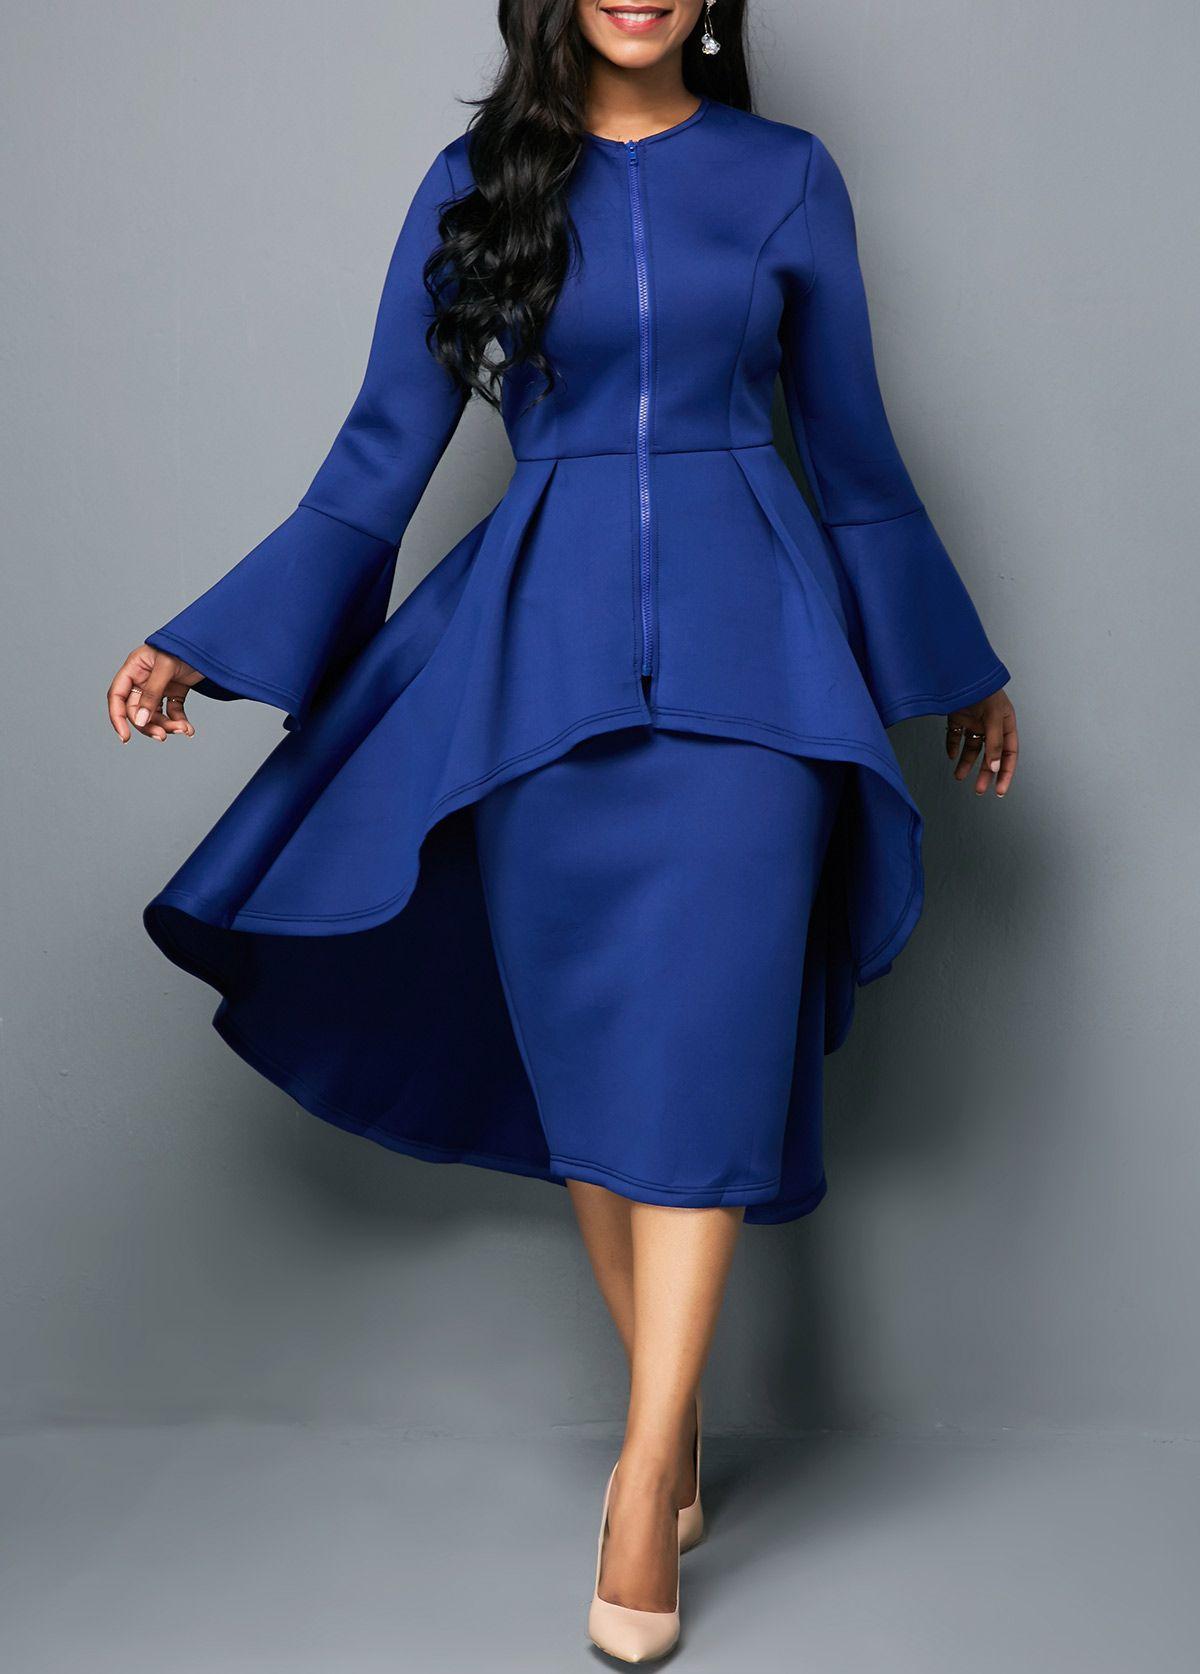 7ca27501a5435 Dip Hem Zipper Front Top and Skirt